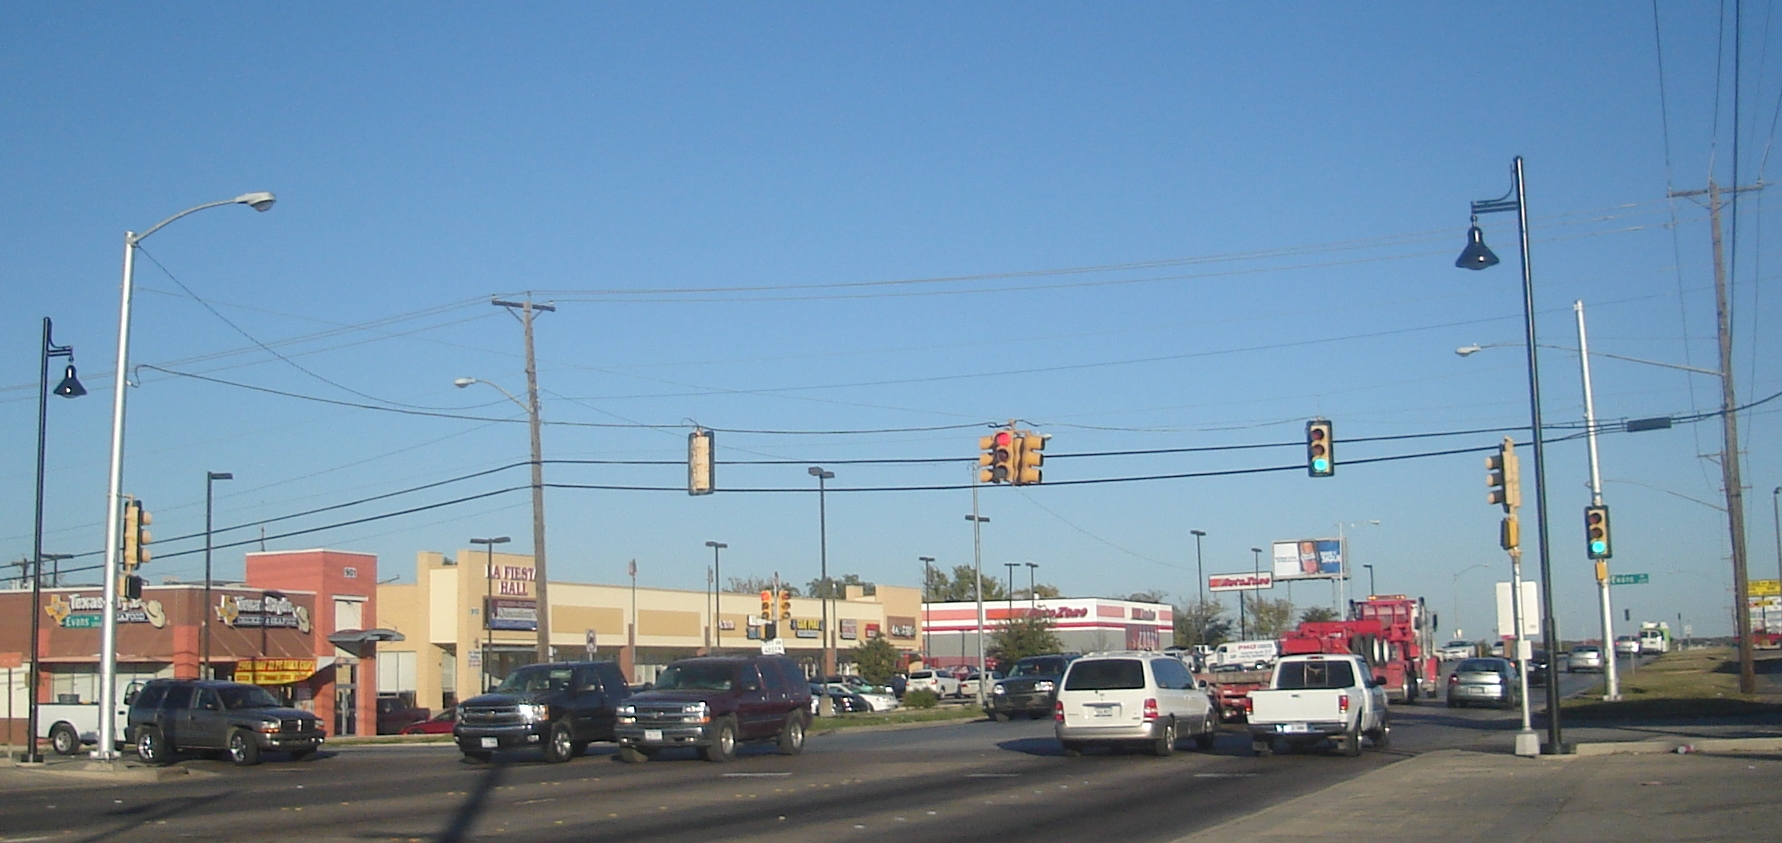 A Fort Worth, au Texas, les feux sont suspendus à des câbles. (Photo: Wikimédia)